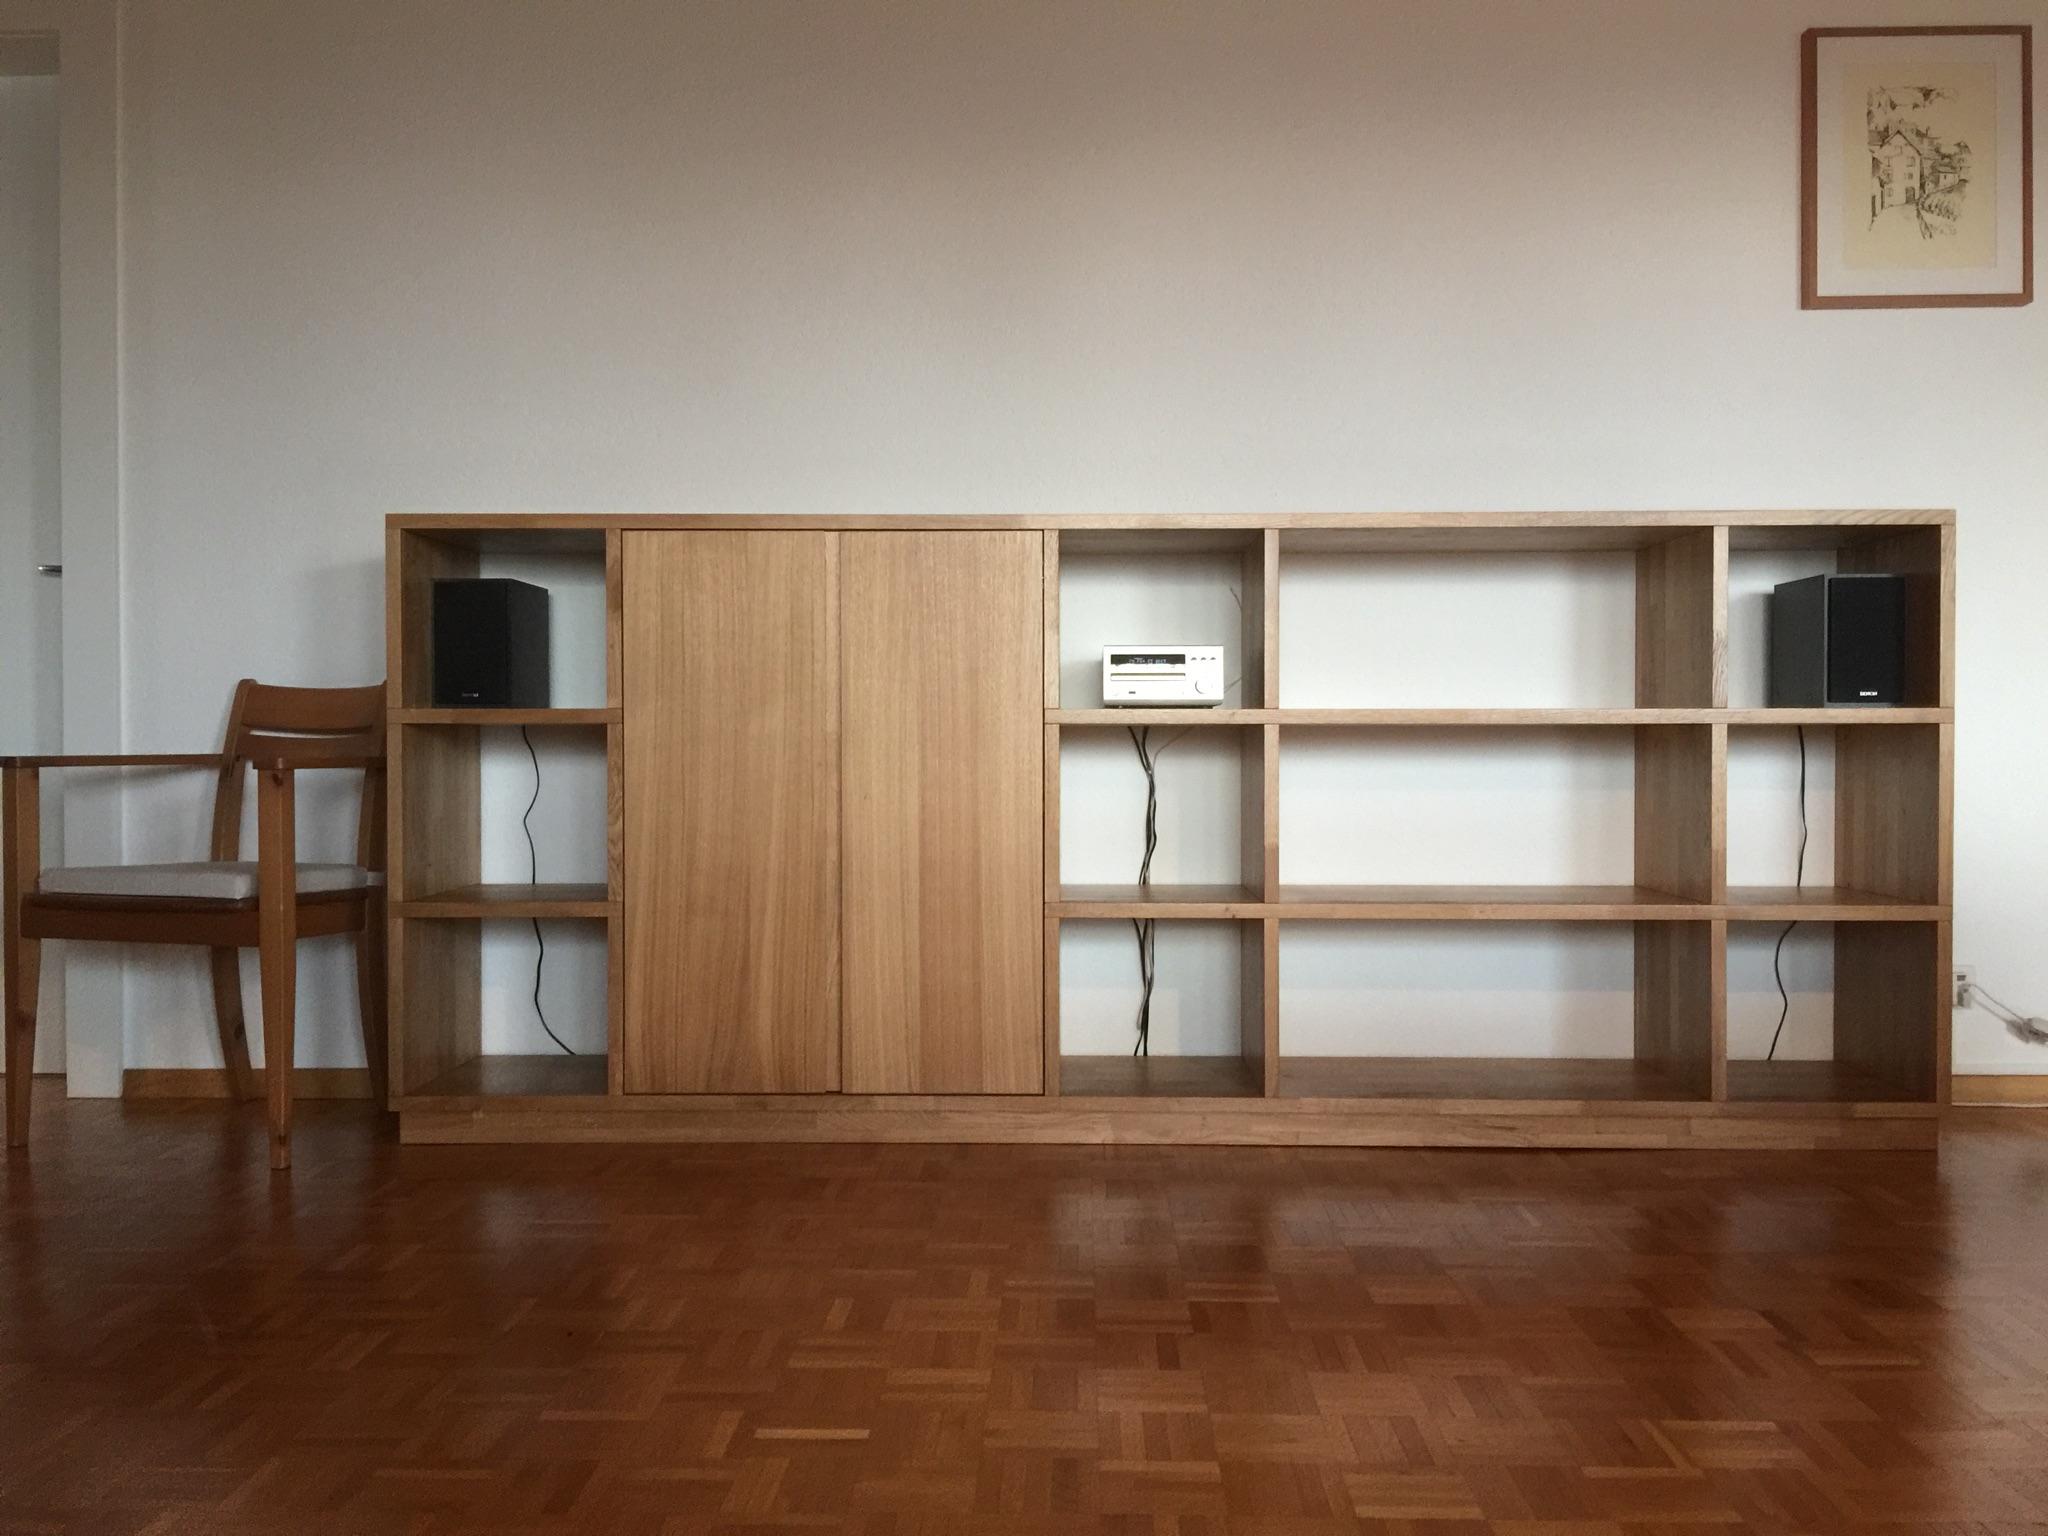 Bibliothèque sono